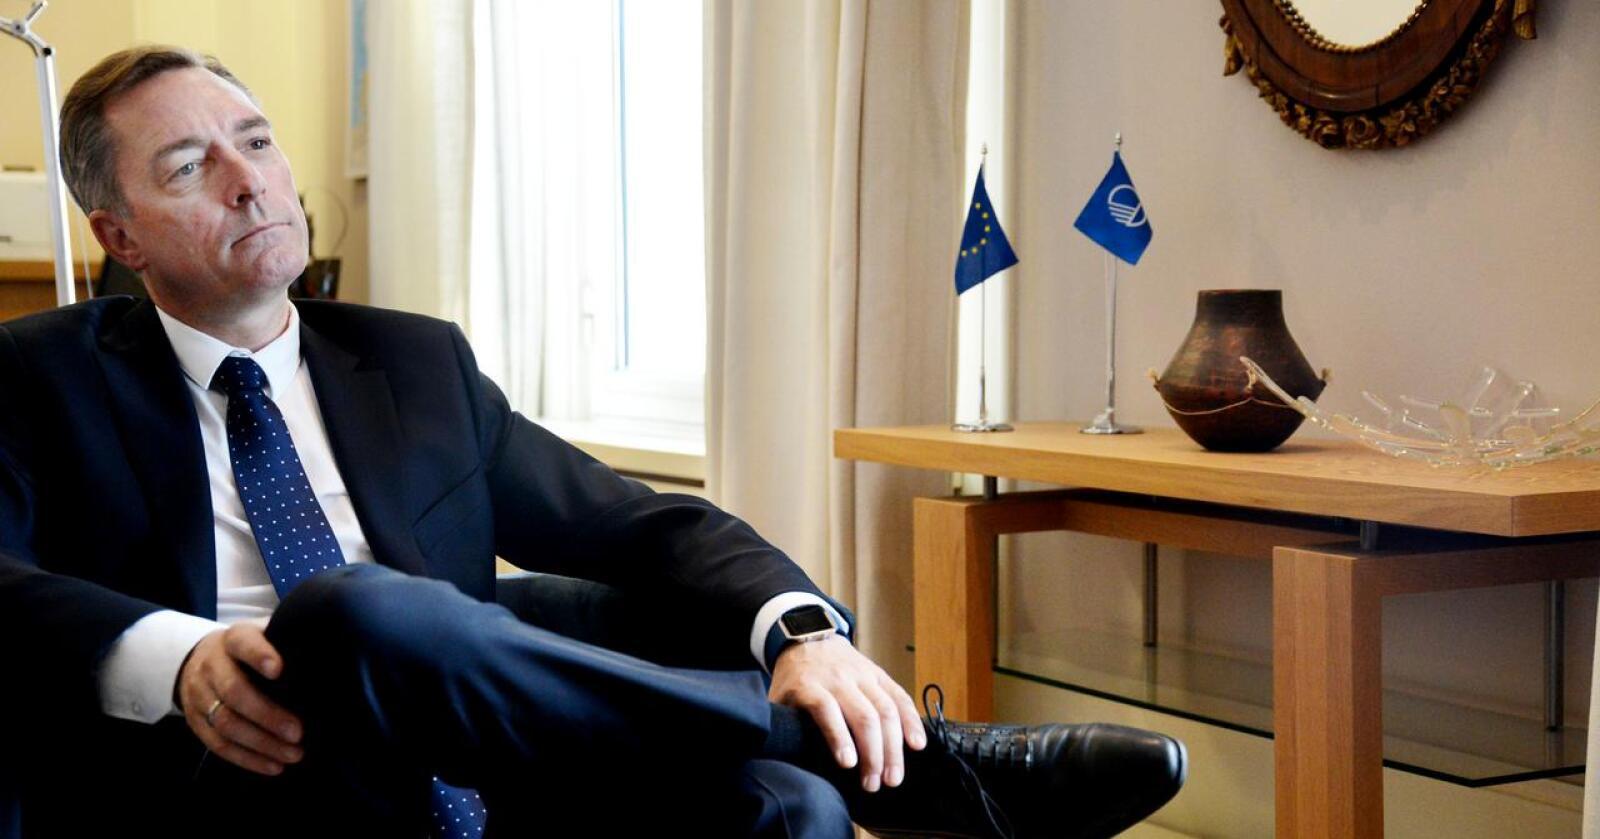 Ansettelsen av nåværende forsvarsminister Frank Bakke-Jensen som ny fiskeridirektør er preget av svært uheldig hemmelighold. Foto: Siri Juell Rasmussen